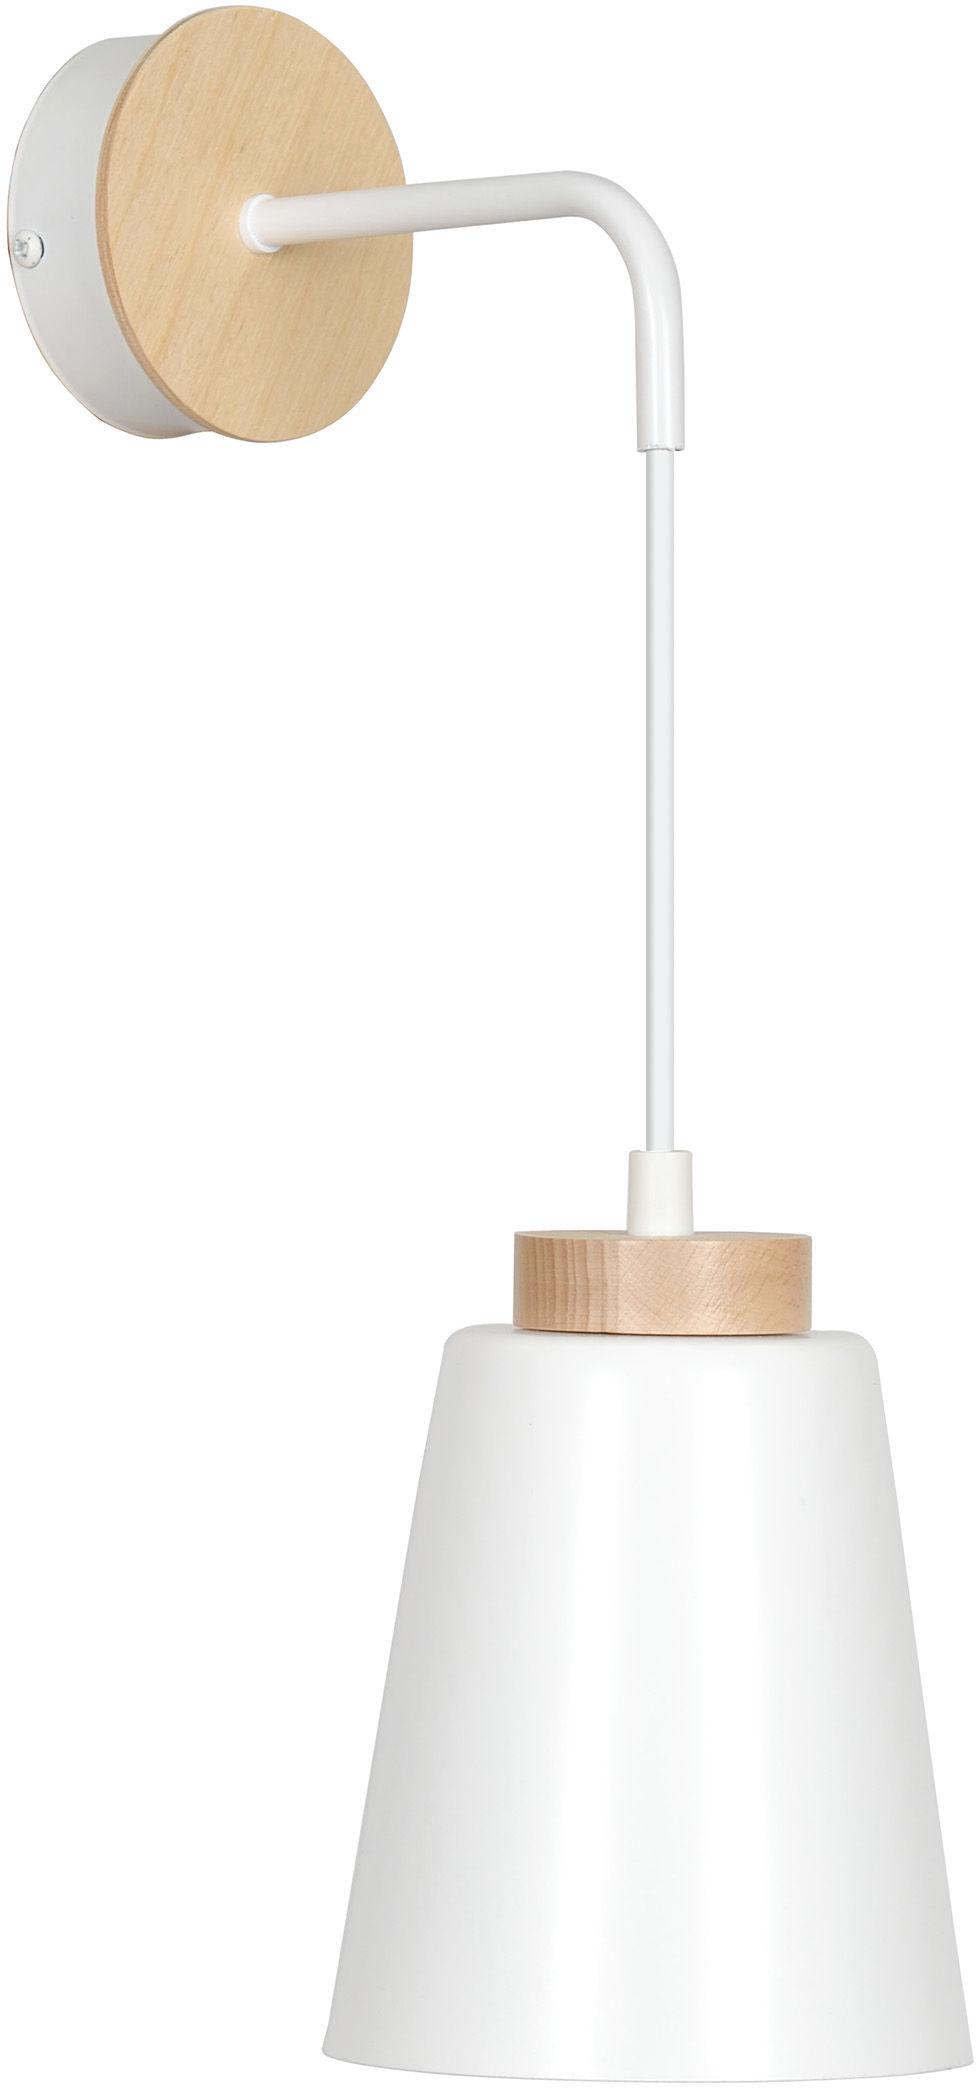 Emibig BOLERO K1 WHITE 443/K1 kinkiet lampa ścienna styl skandynawski drewno biały 1x60W E27 14cm